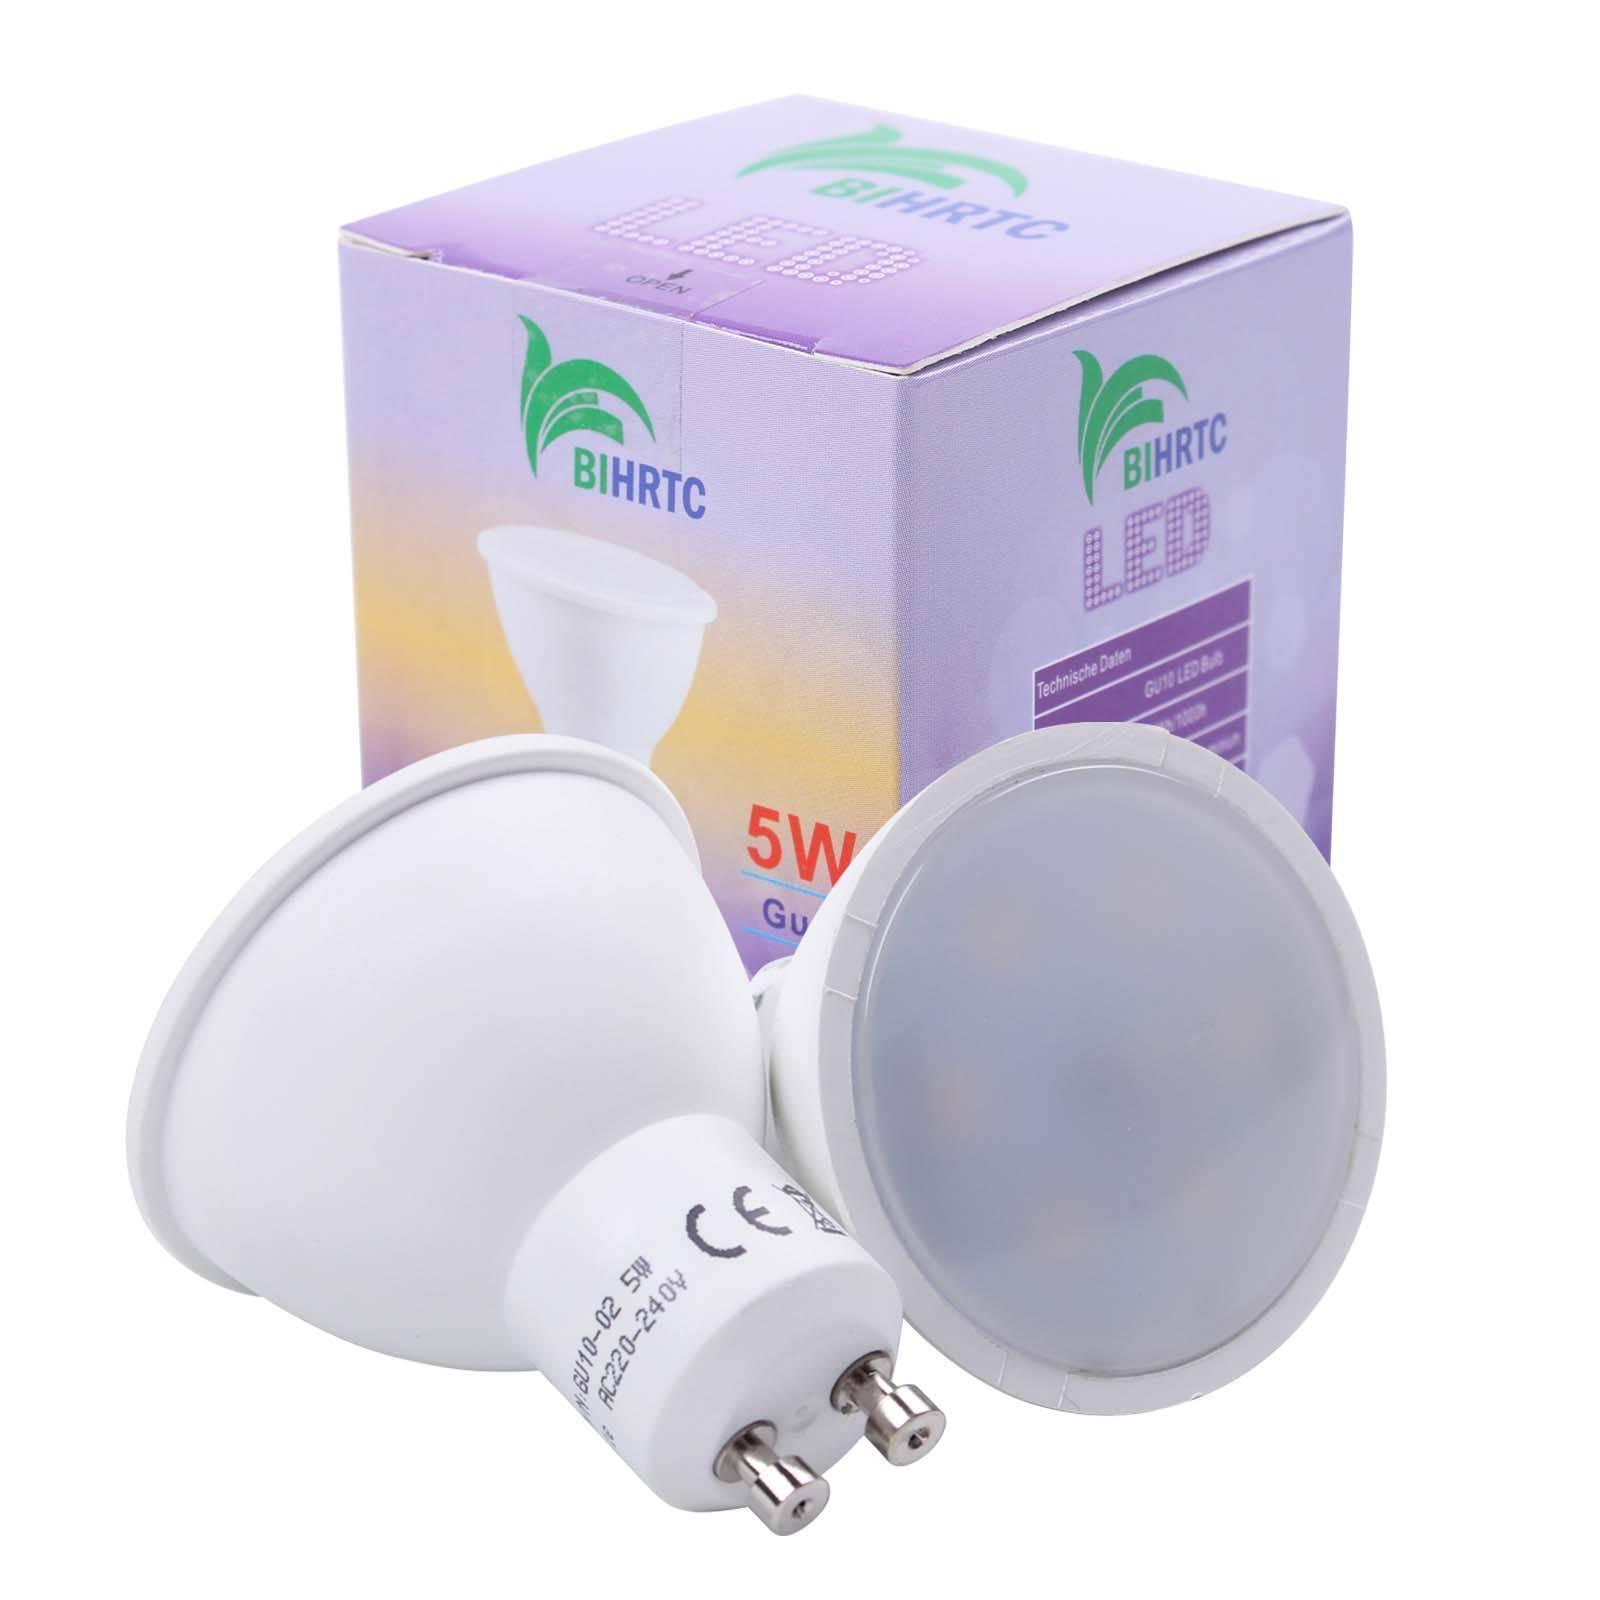 LED LED LED leuchtmittel GU10 MR16 3W 5W SMD Strahler Lampe Leuchte Glühbirne | Elegante und robuste Verpackung  | Lebhaft und liebenswert  | Neueste Technologie  d1ccaf